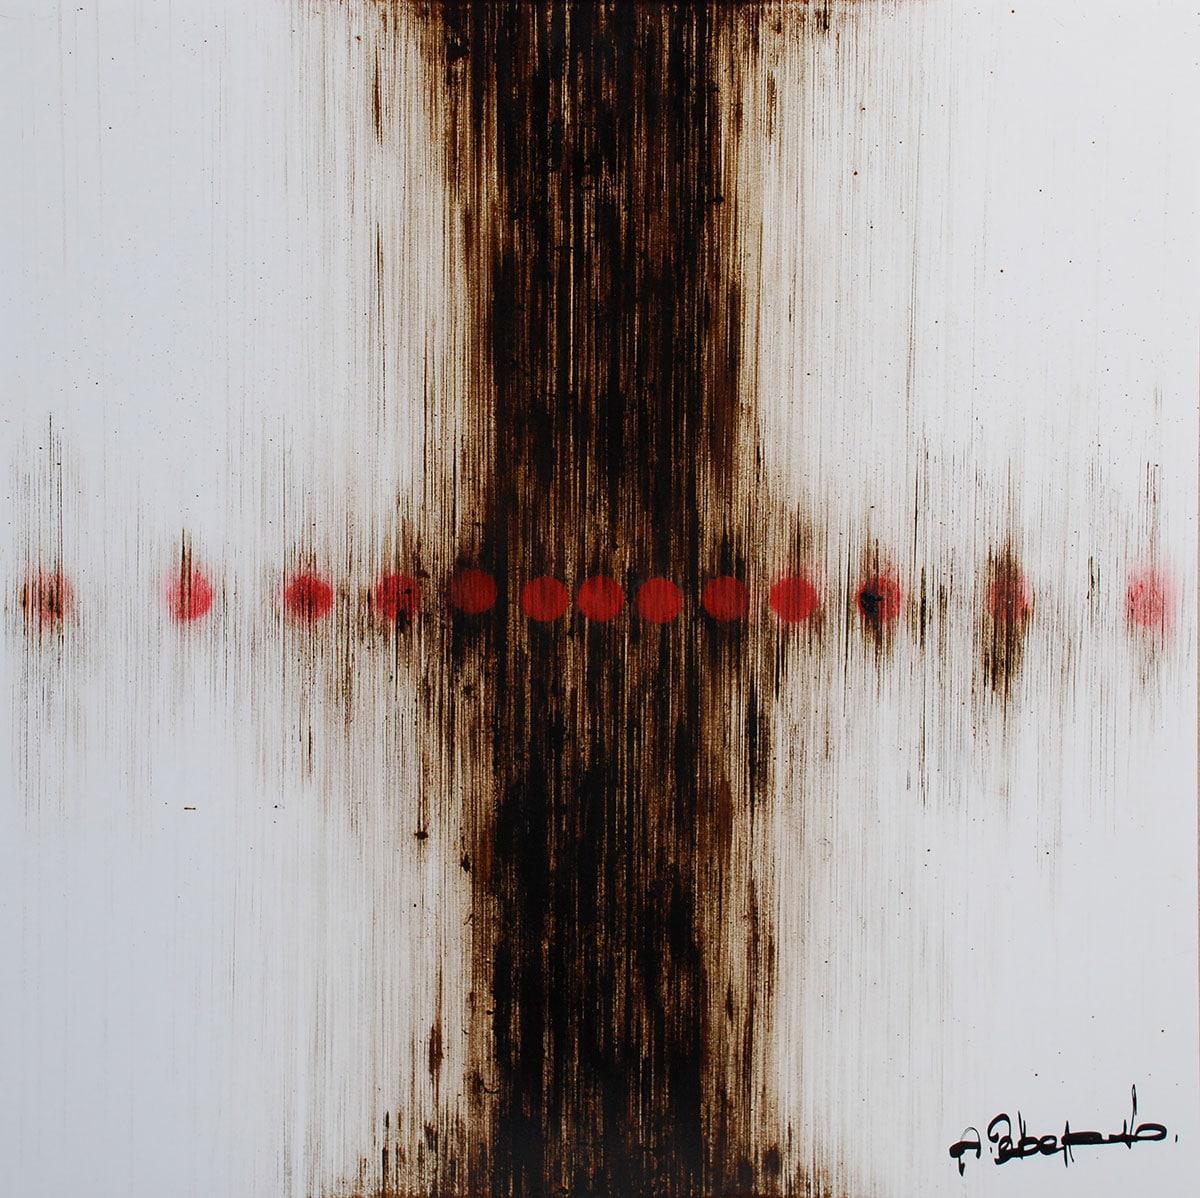 Andrej Zverev - Blurred Presence